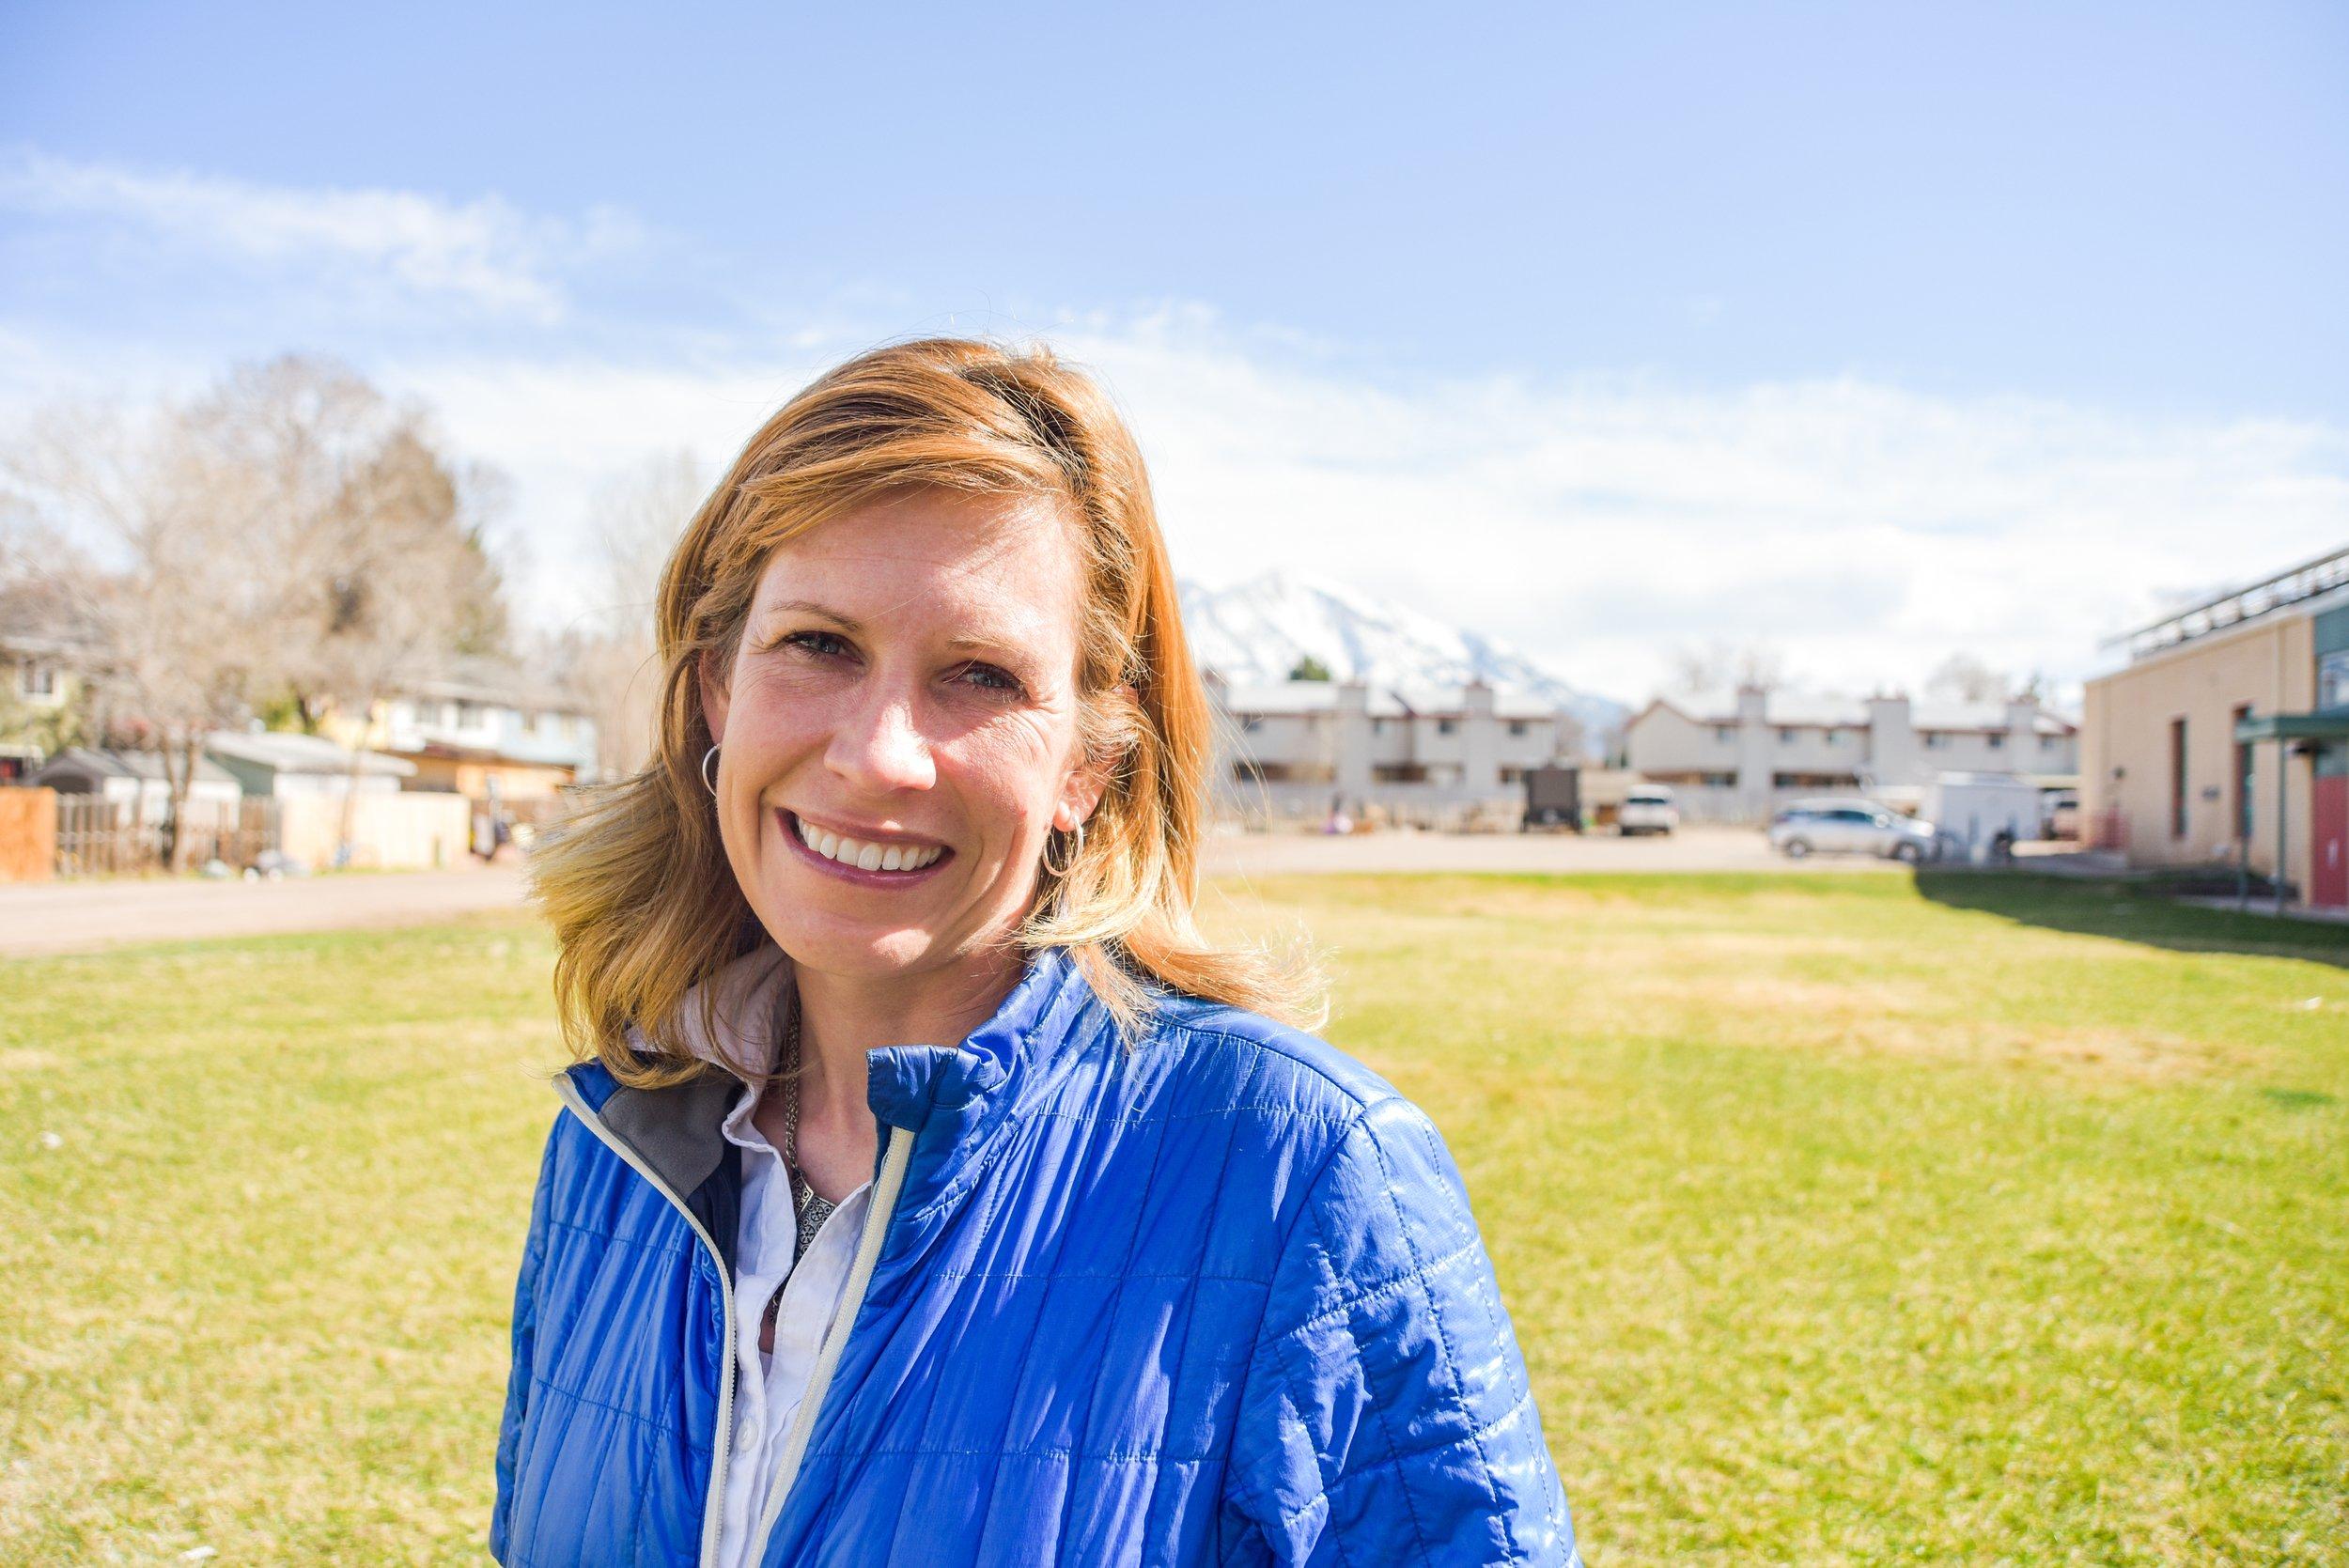 Conoce a Megan Baiardo, la futura directora de la RFHS thumbnail